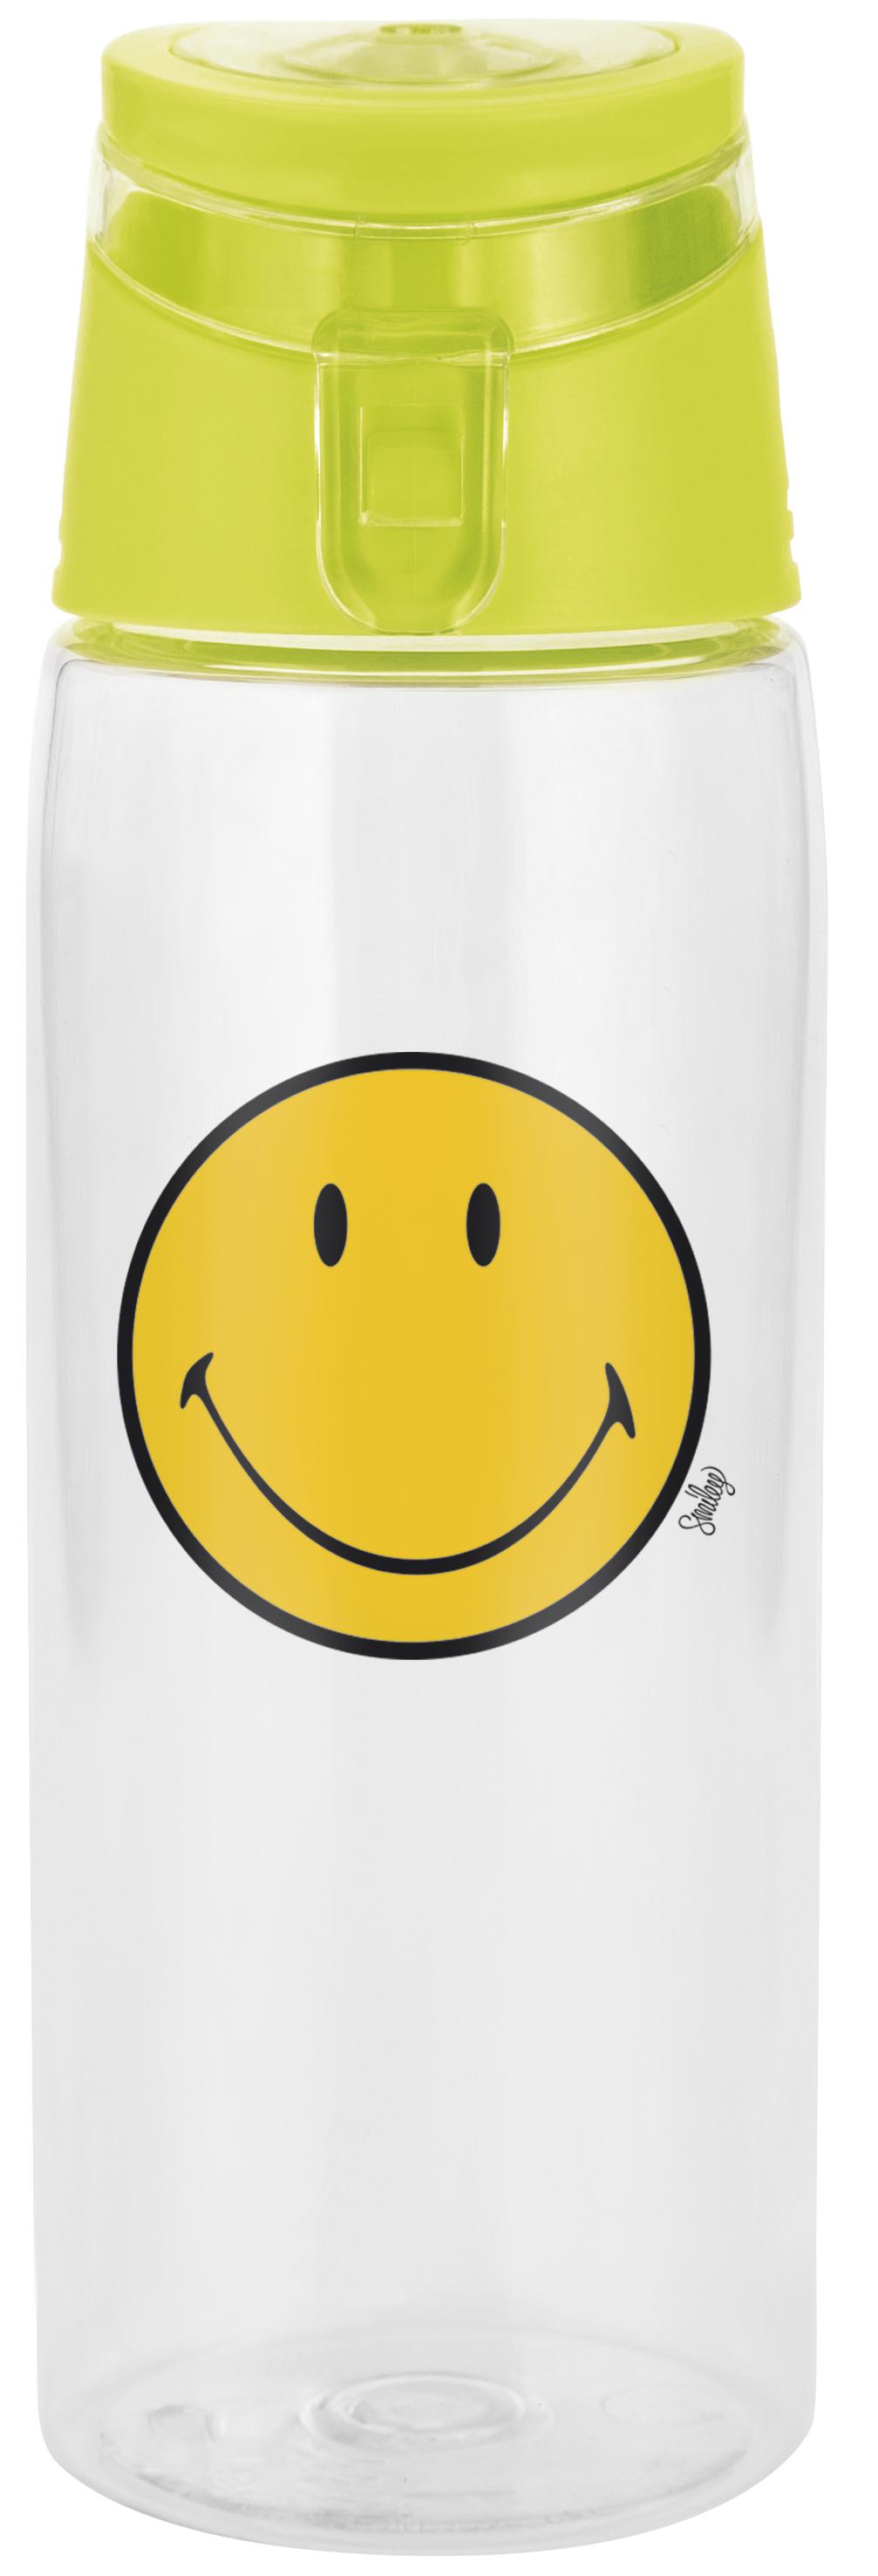 Sticluta Pentru Copii Smiley Bootle Transparent/ve